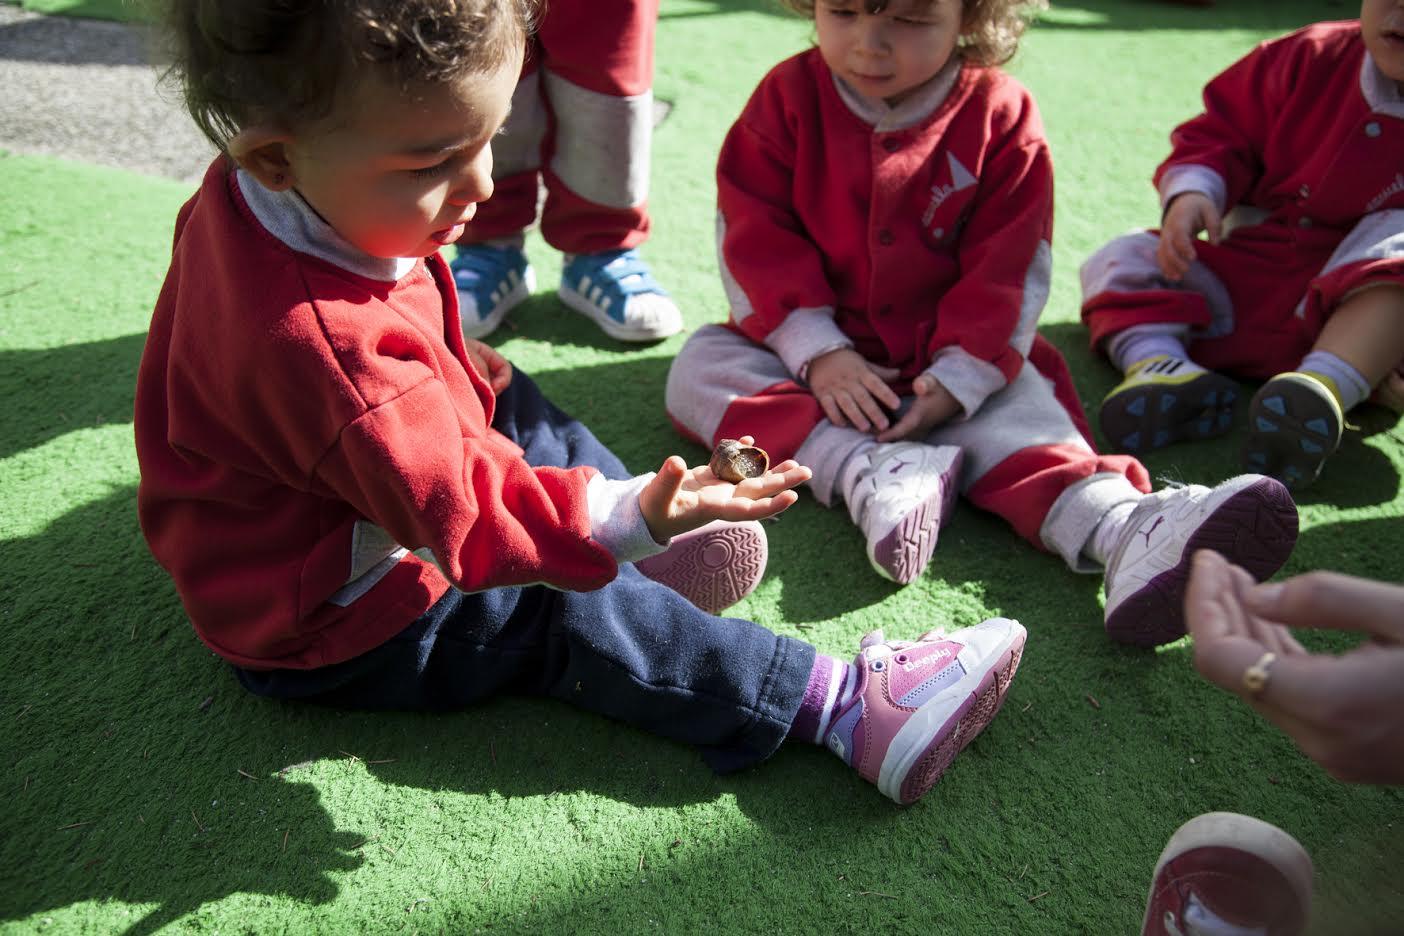 Escuela infantil con pedagogía propia